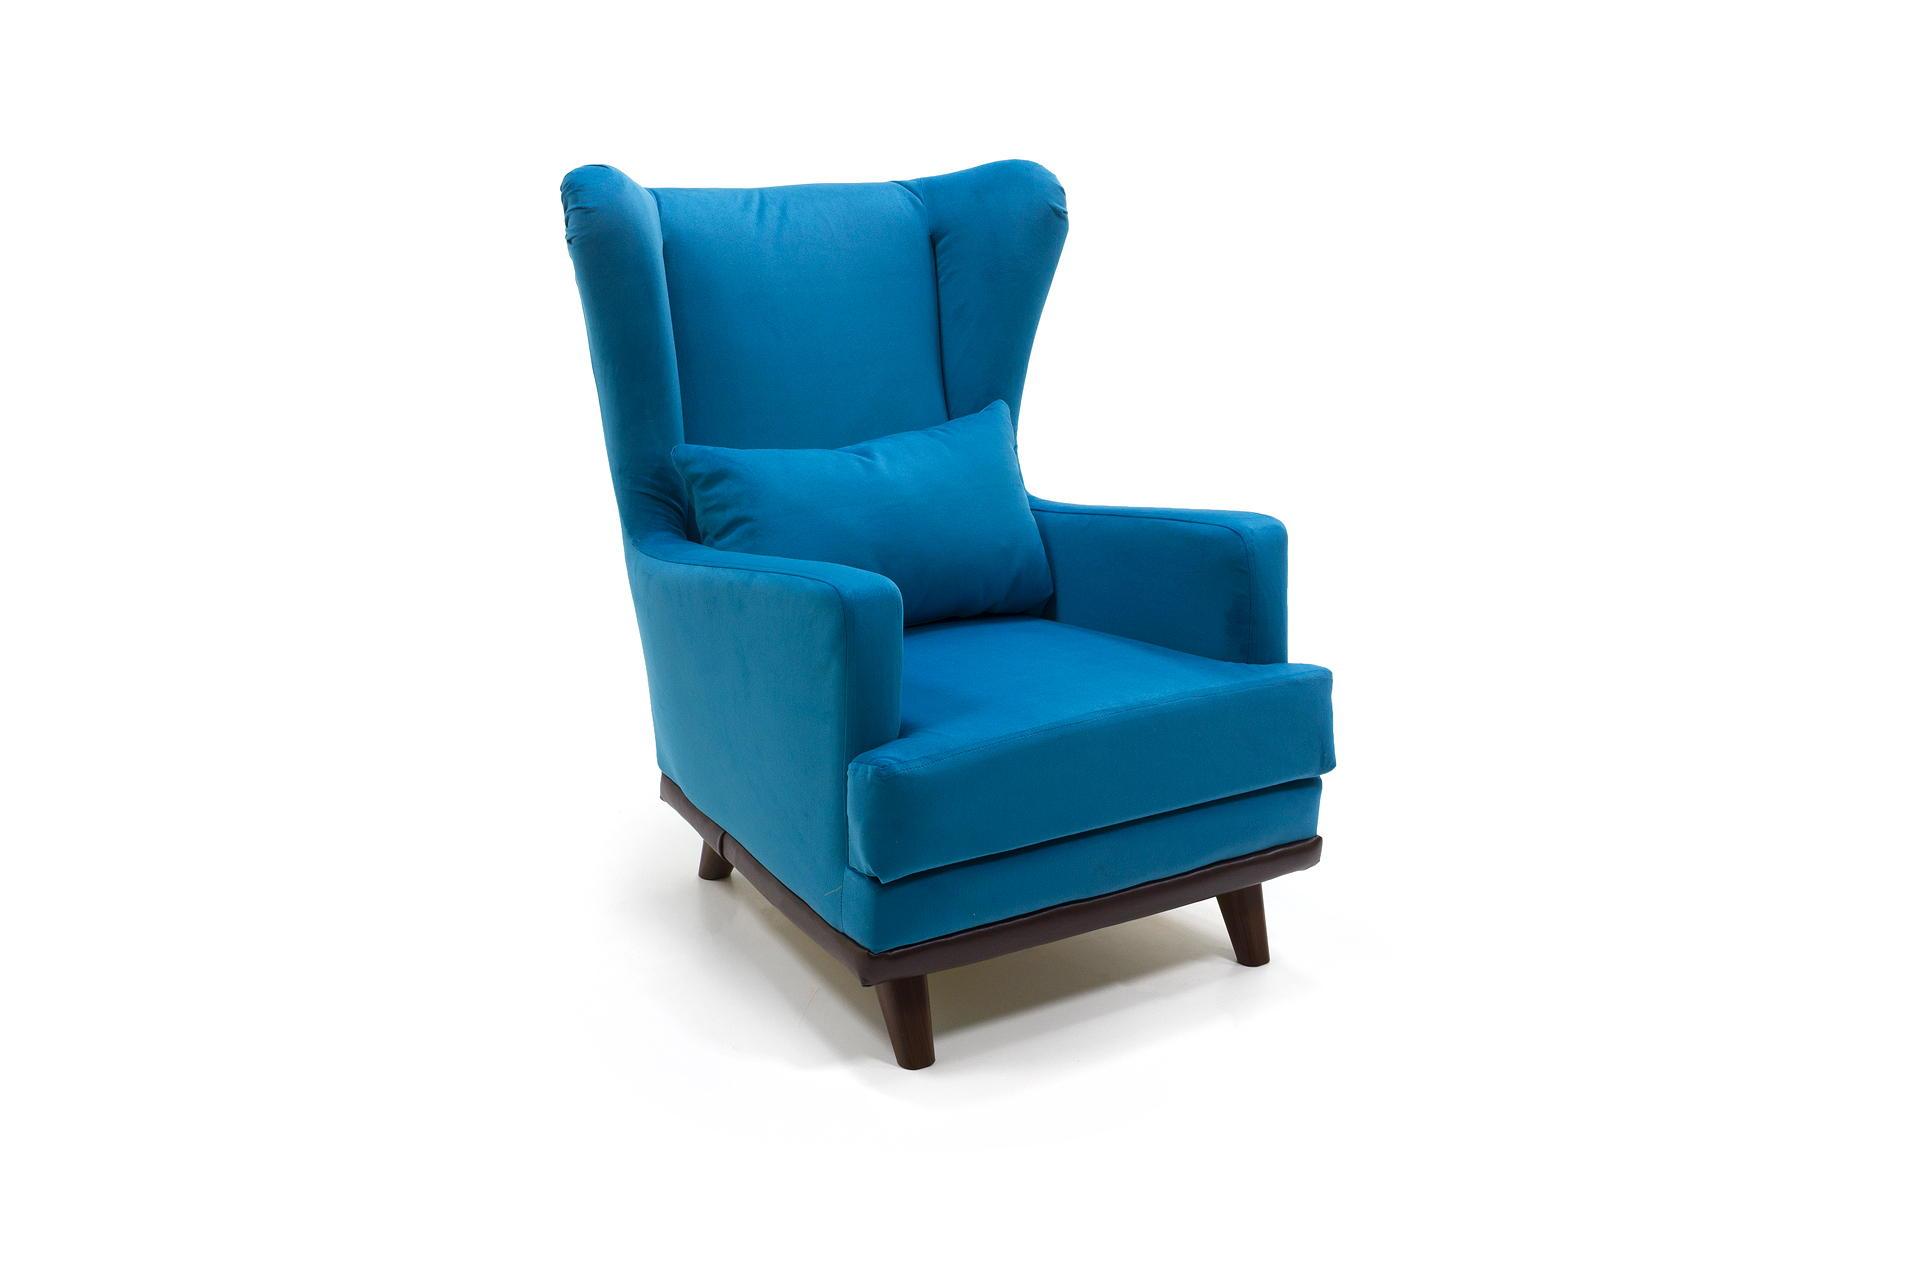 Кресло № 349. Мебельный магазин Мебель Ленд. Санкт-Петербург